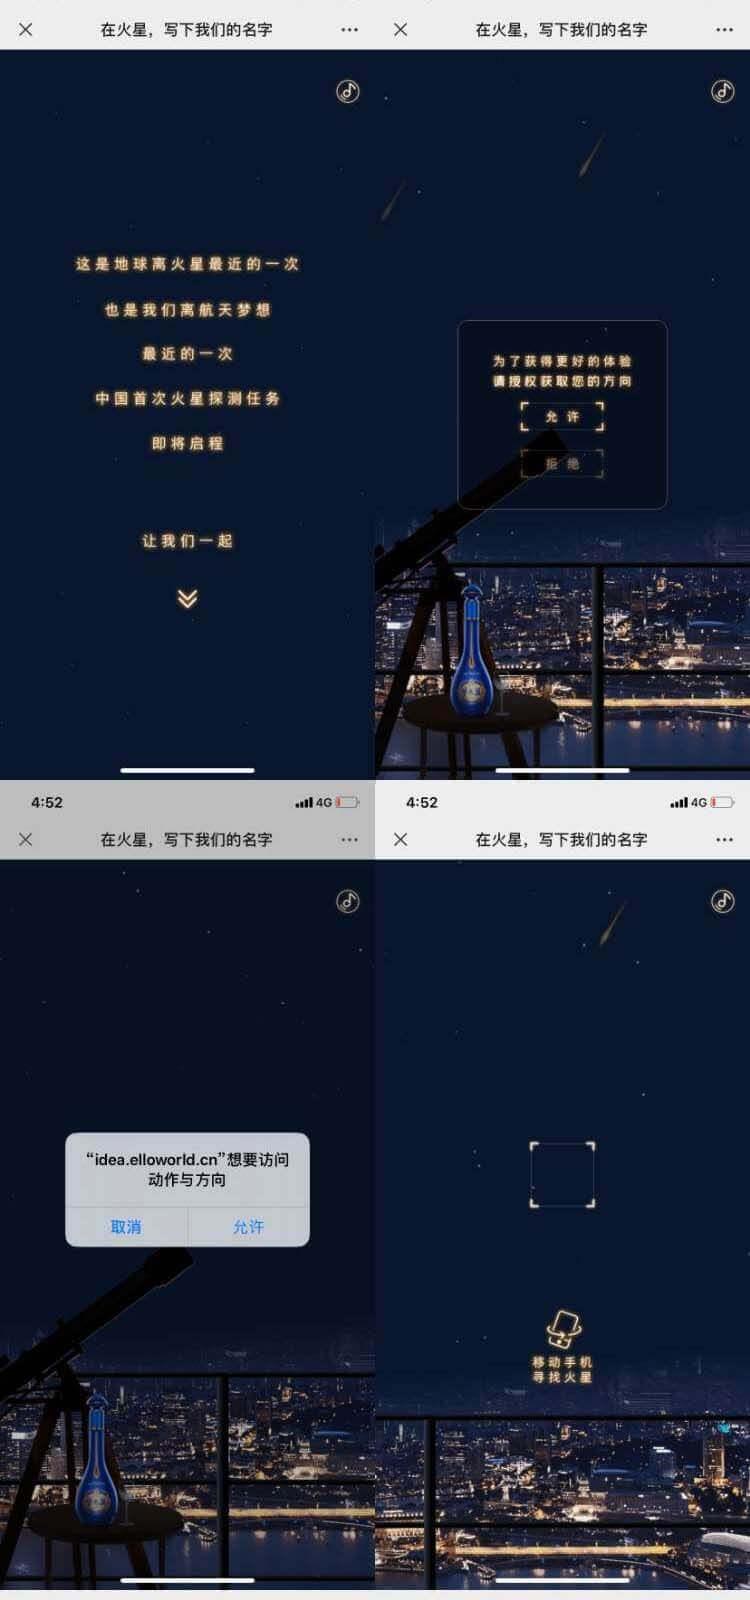 梦之蓝.jpg